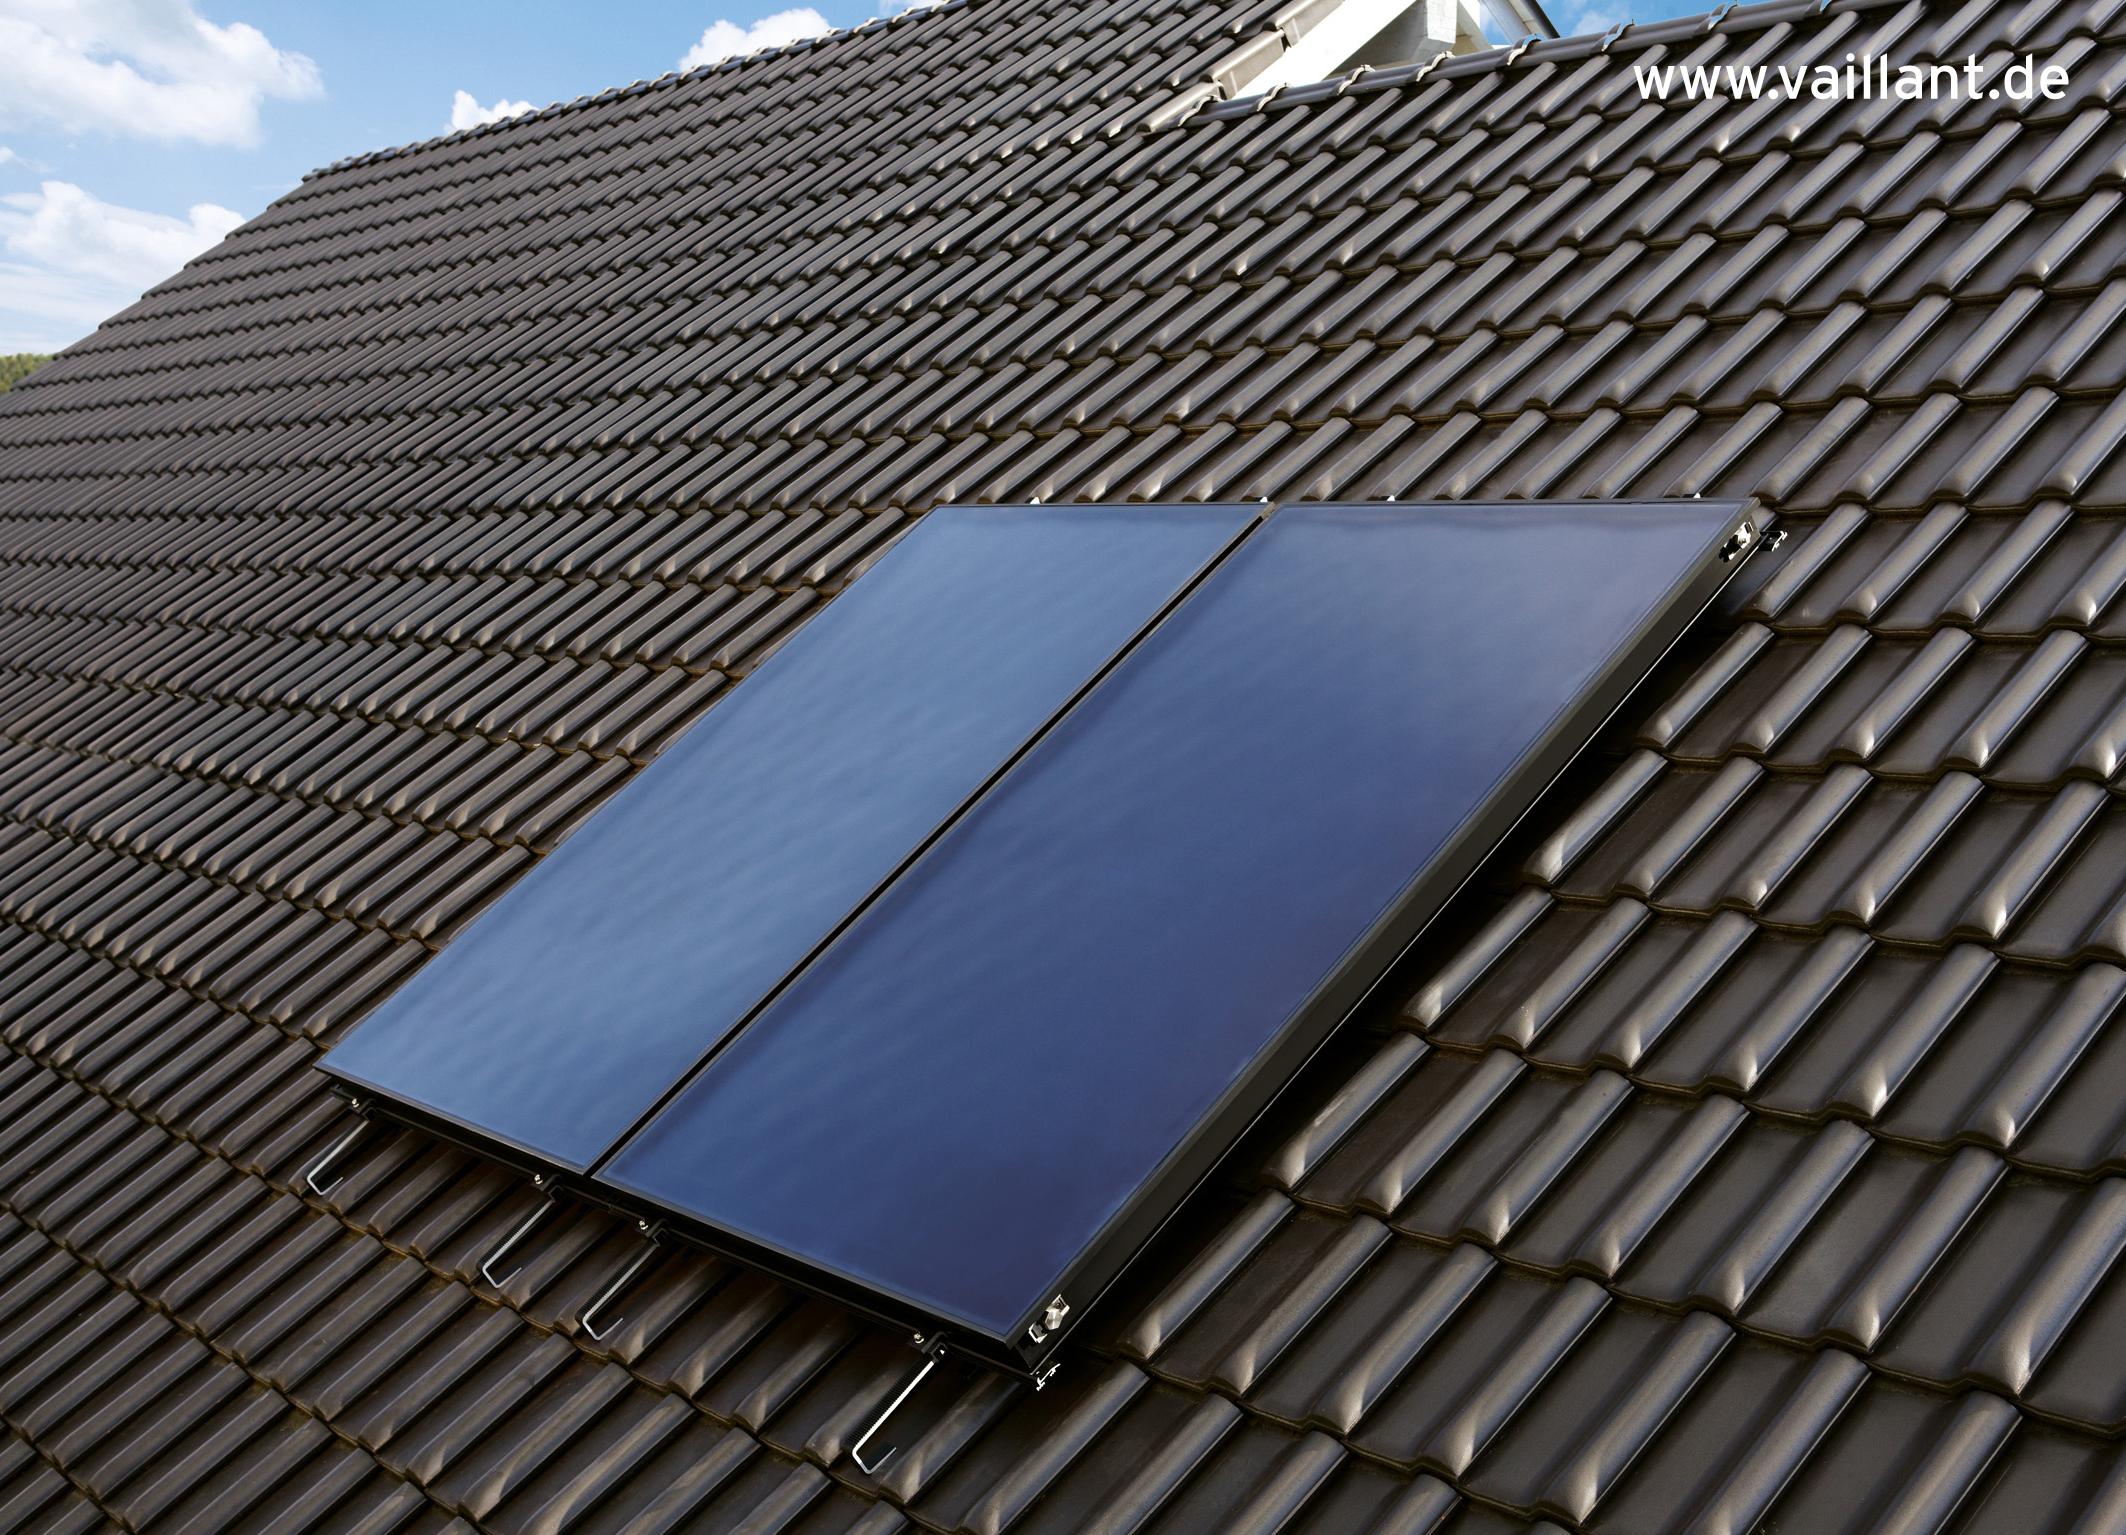 Solarpanel_Vaillant_Schwartz.jpg